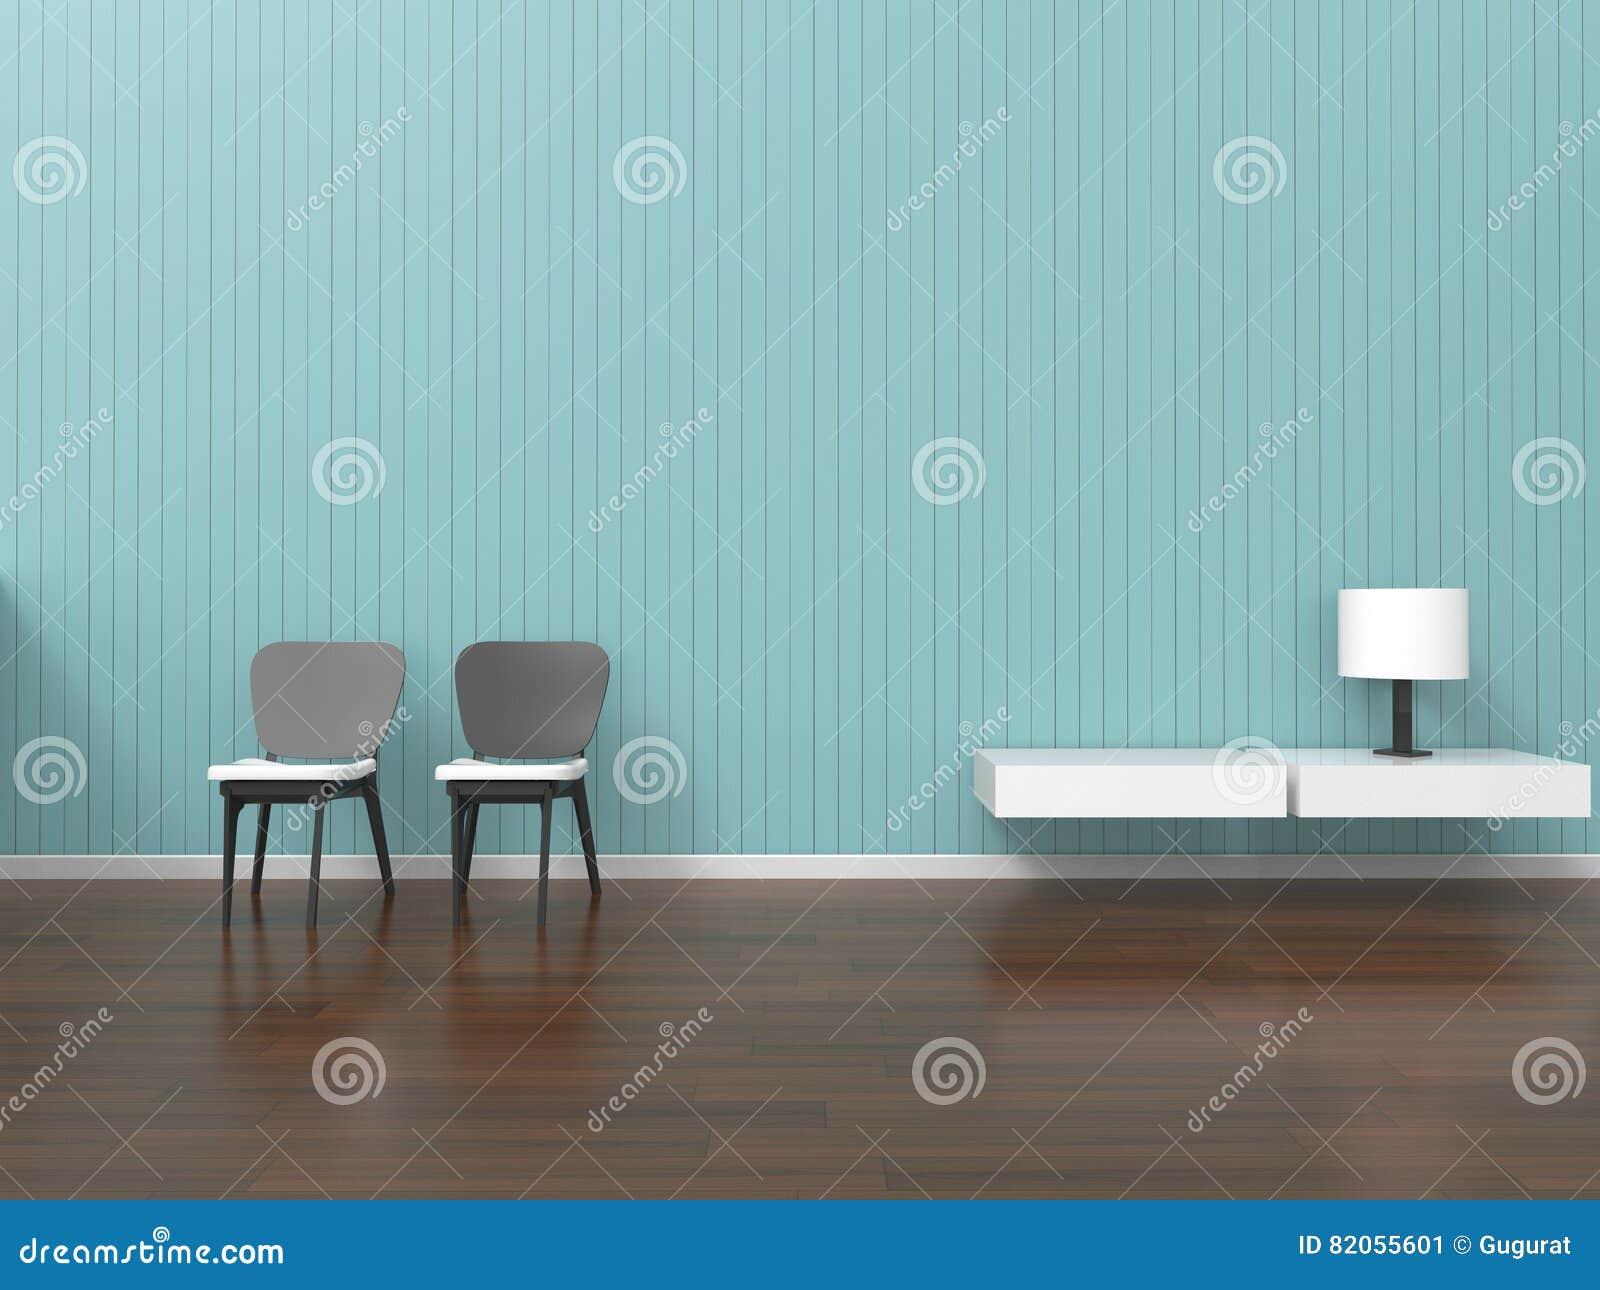 Koraalkleur De Woonkamer : Moderne woonkamer eenvoudige zolder van van de huisbureau en